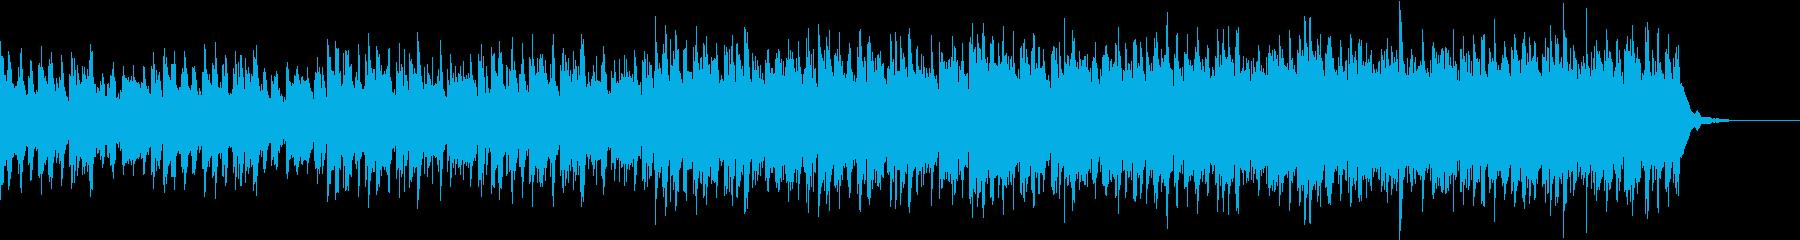 企業VPや映像に 爽やかなピアノ曲の再生済みの波形